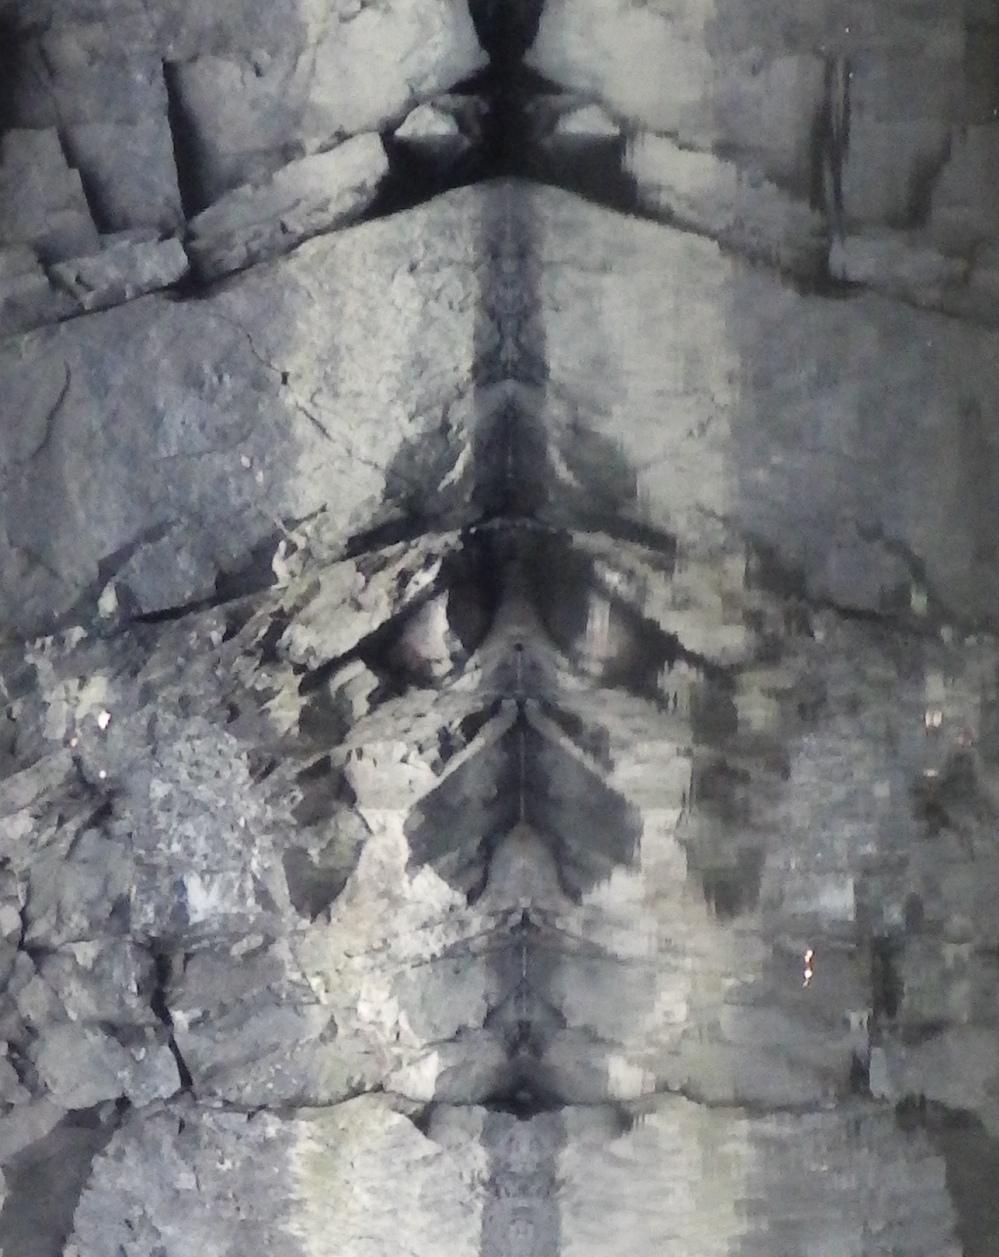 Štěchovická přehrada Chobotnice, Pádlování zrcadlení, Svatojánské proudy, kanoe